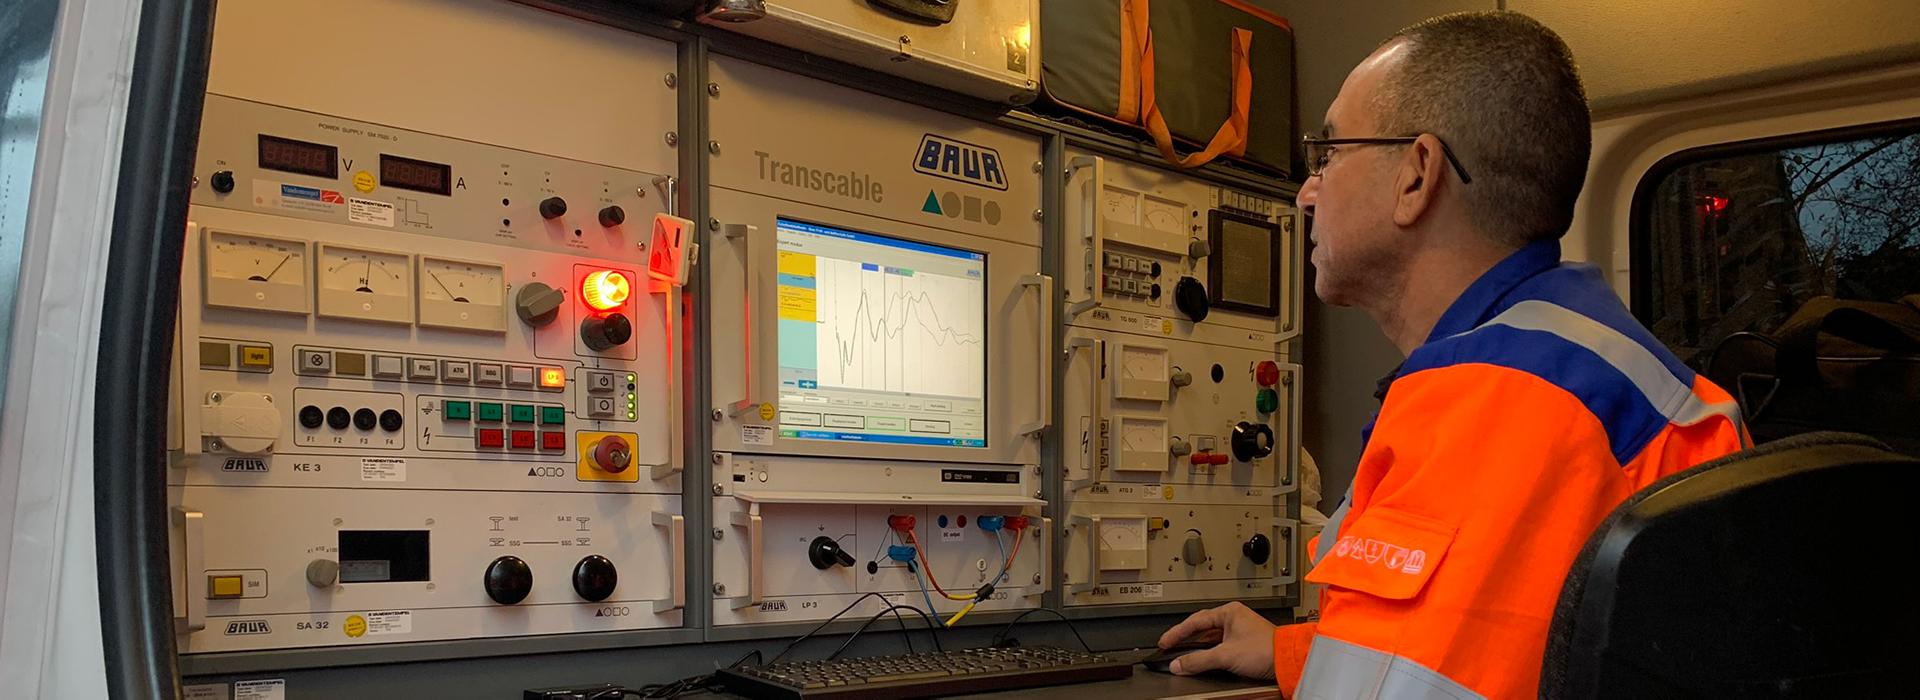 volker energy solutions collega meetverantwoordelijke onderhoud en storingen